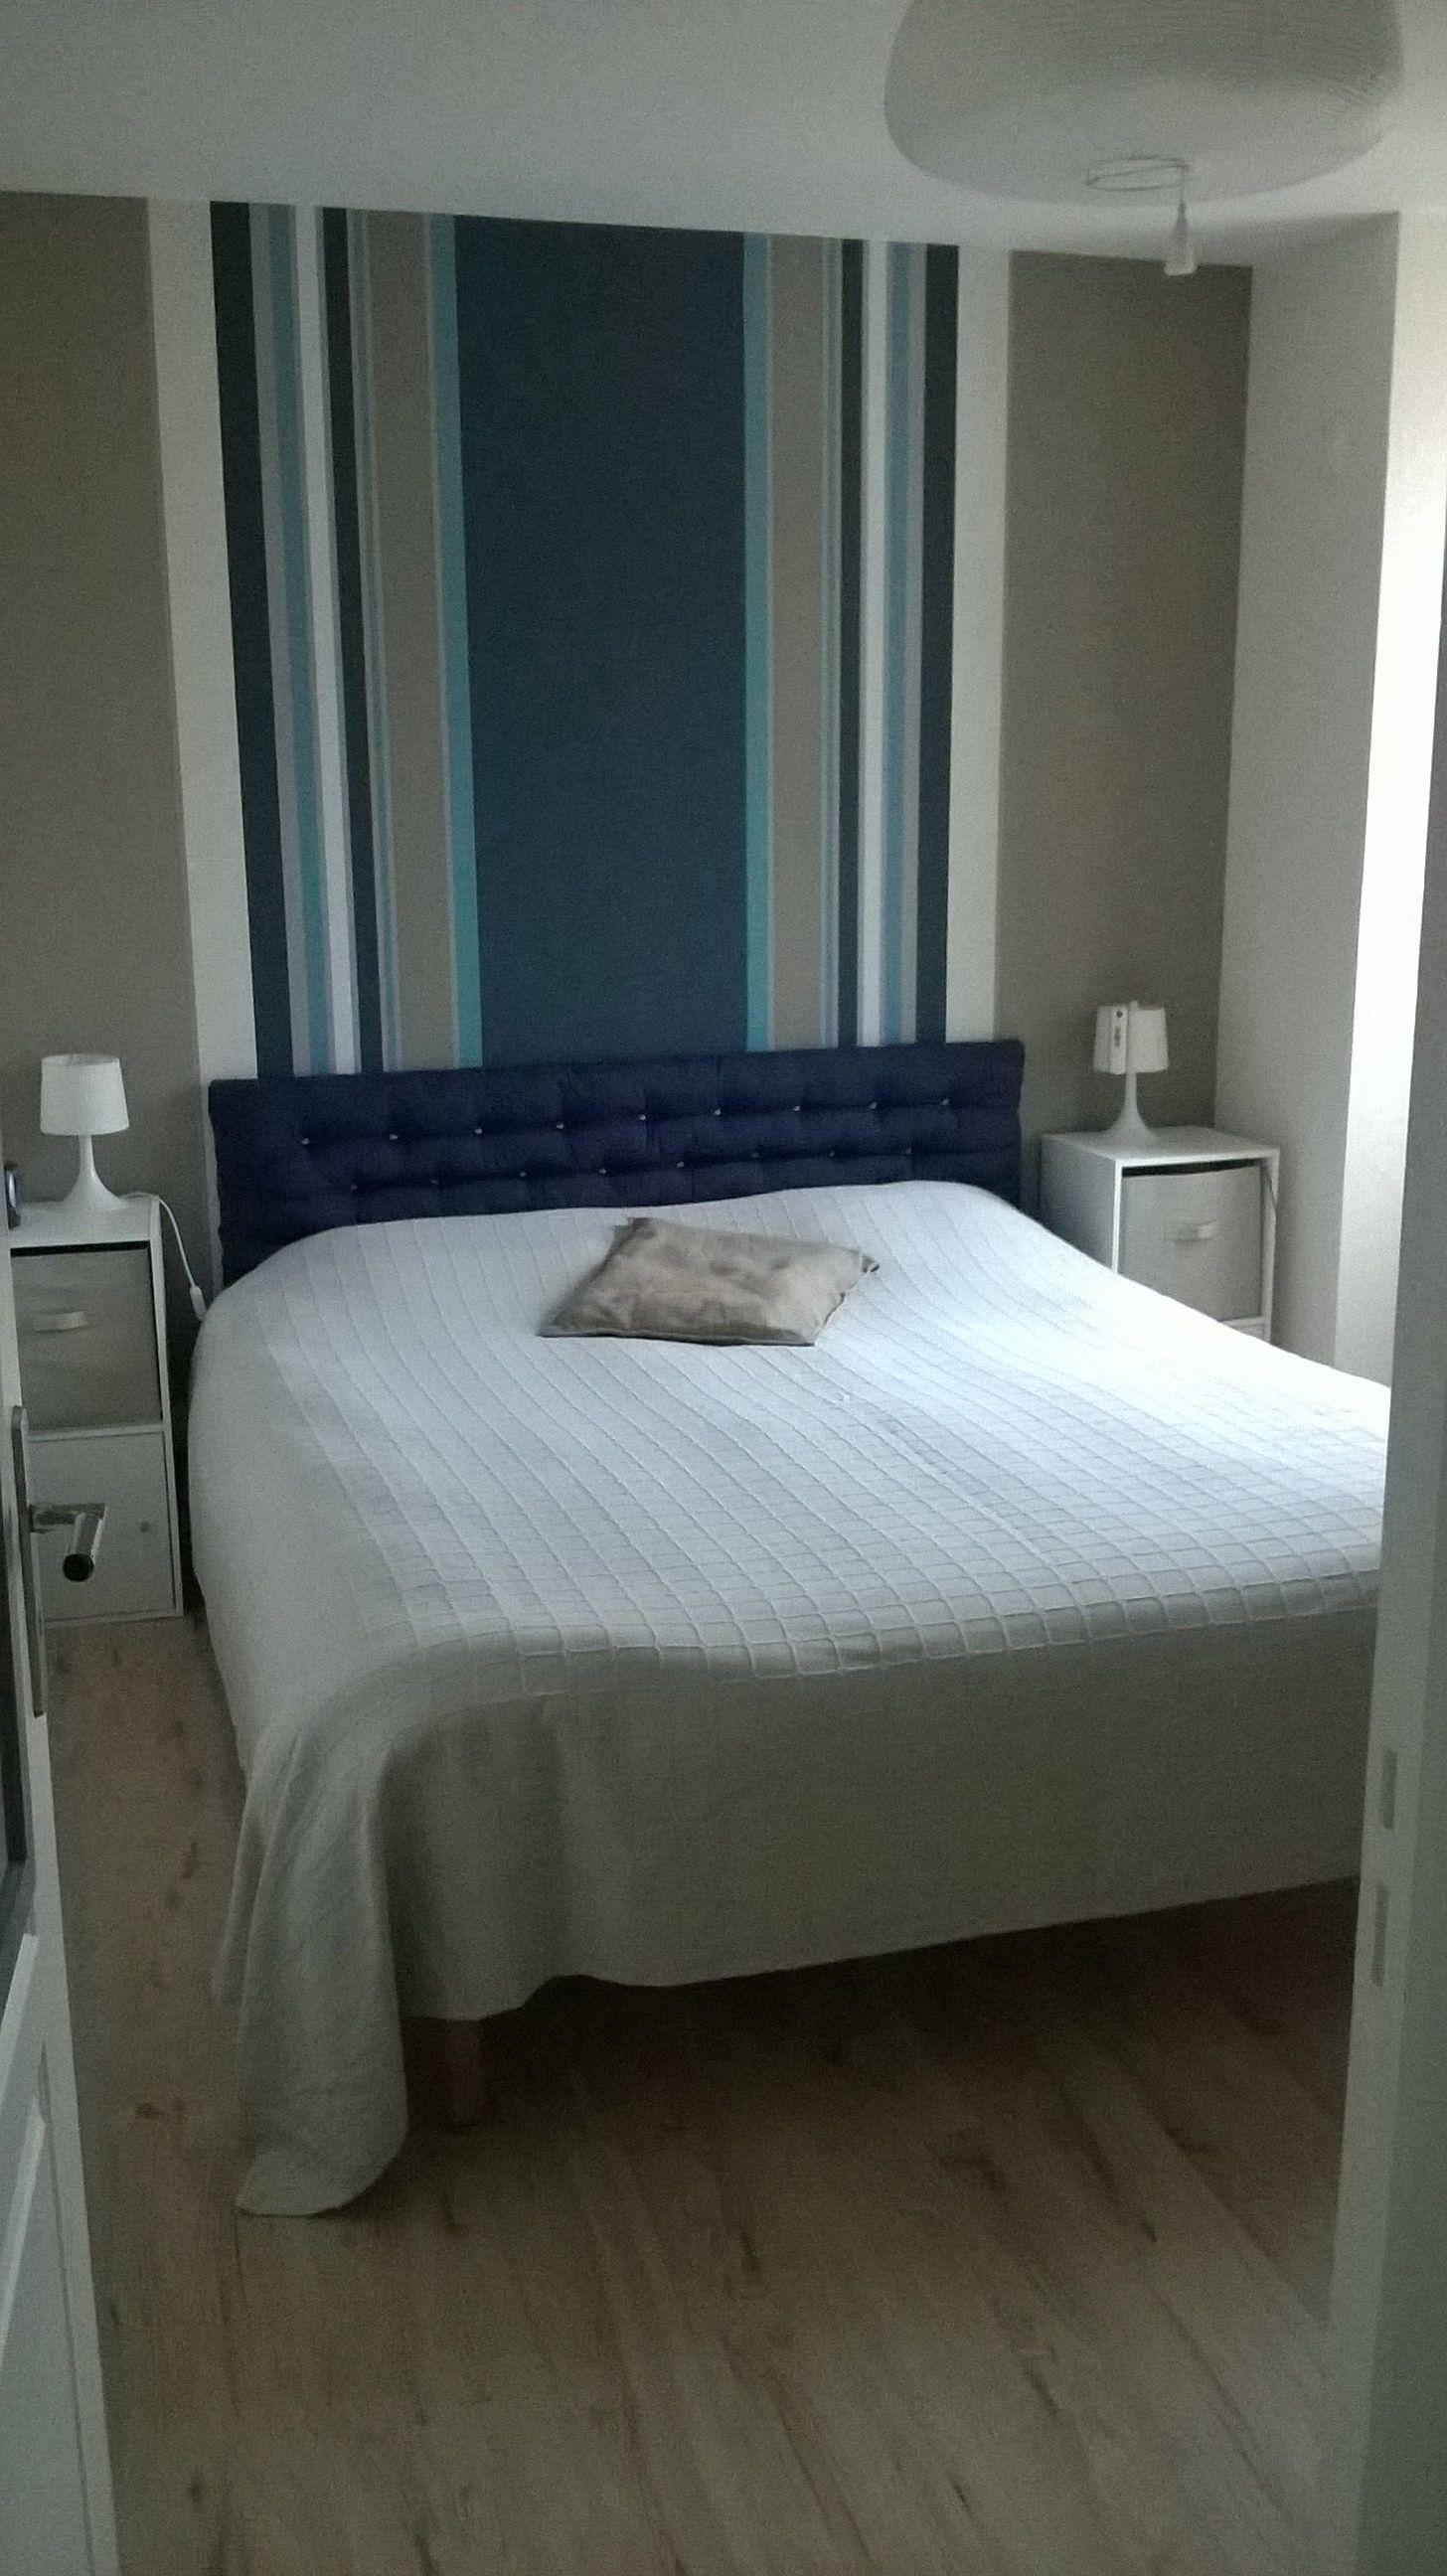 ma chambre le motif en papier peint agrandit la pi ce qui est petite 2 rouleaux unis beige. Black Bedroom Furniture Sets. Home Design Ideas